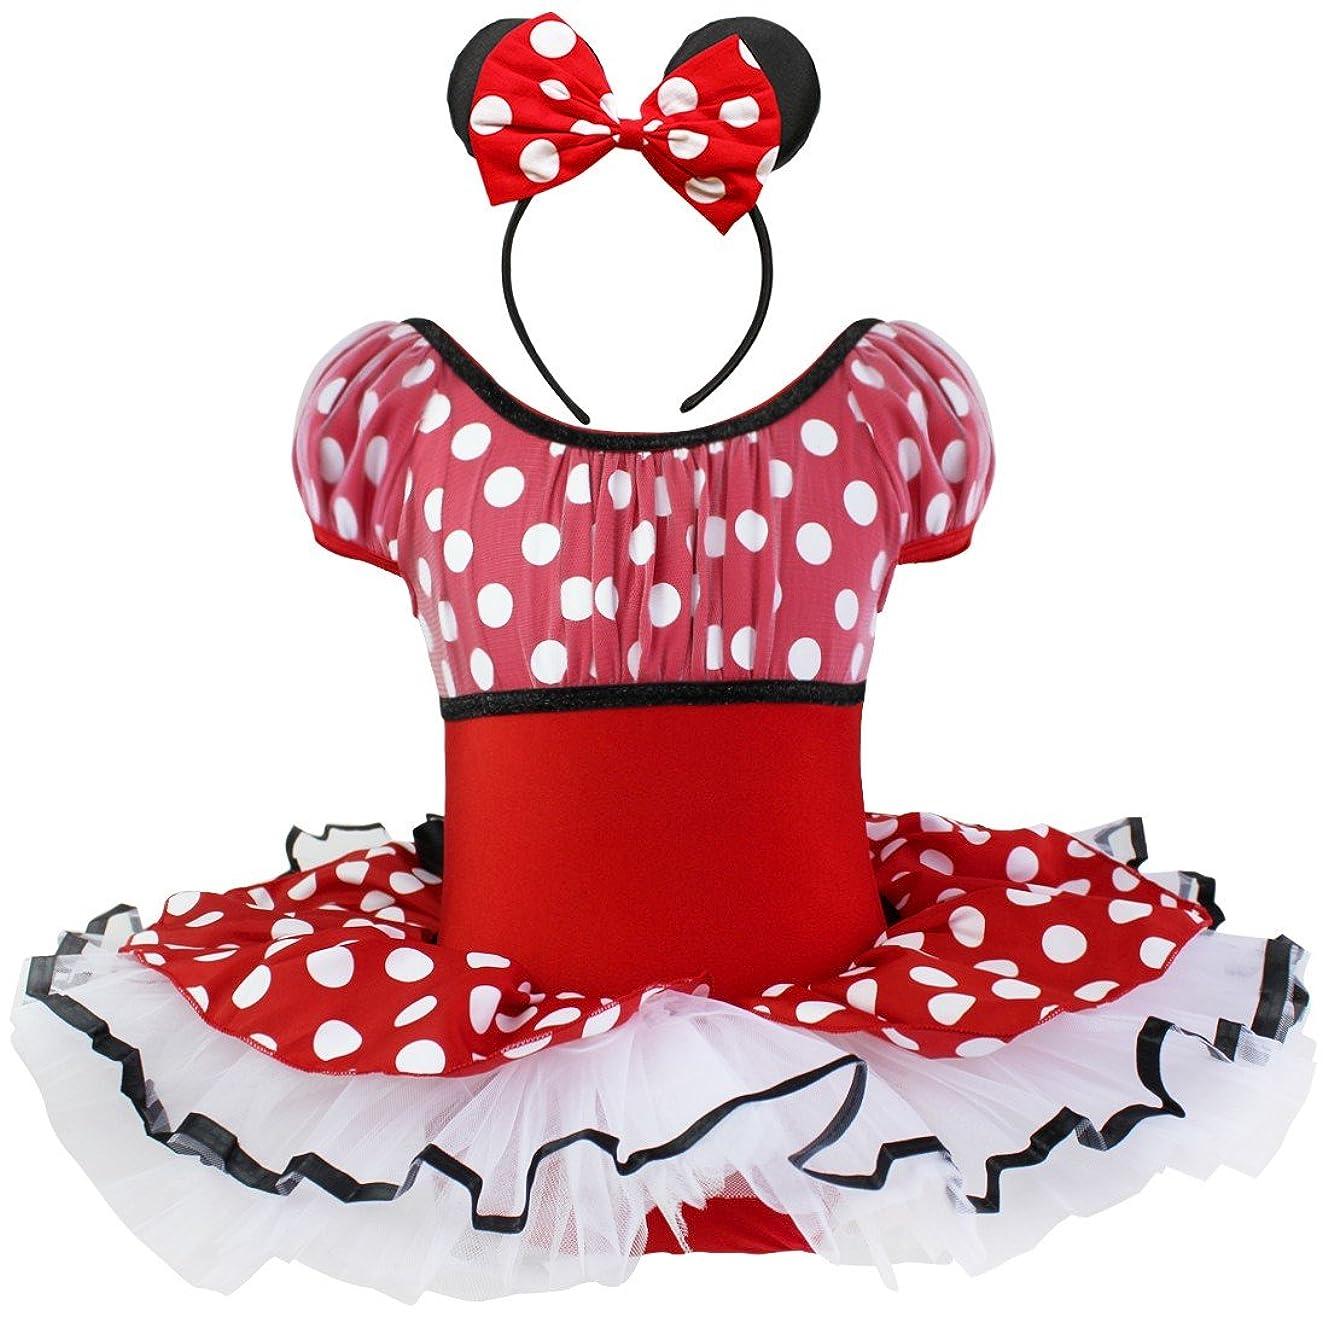 立ち向かう覚醒ピケ(イーエフイー)EFE 女の子 ダンス衣装 ミニーバレエ レオタード チュチュスカート カチューシャ 2点セット バレエウェア ふわふわ 可愛い 子供ジュニア キッズ 新体操 ステージ衣装